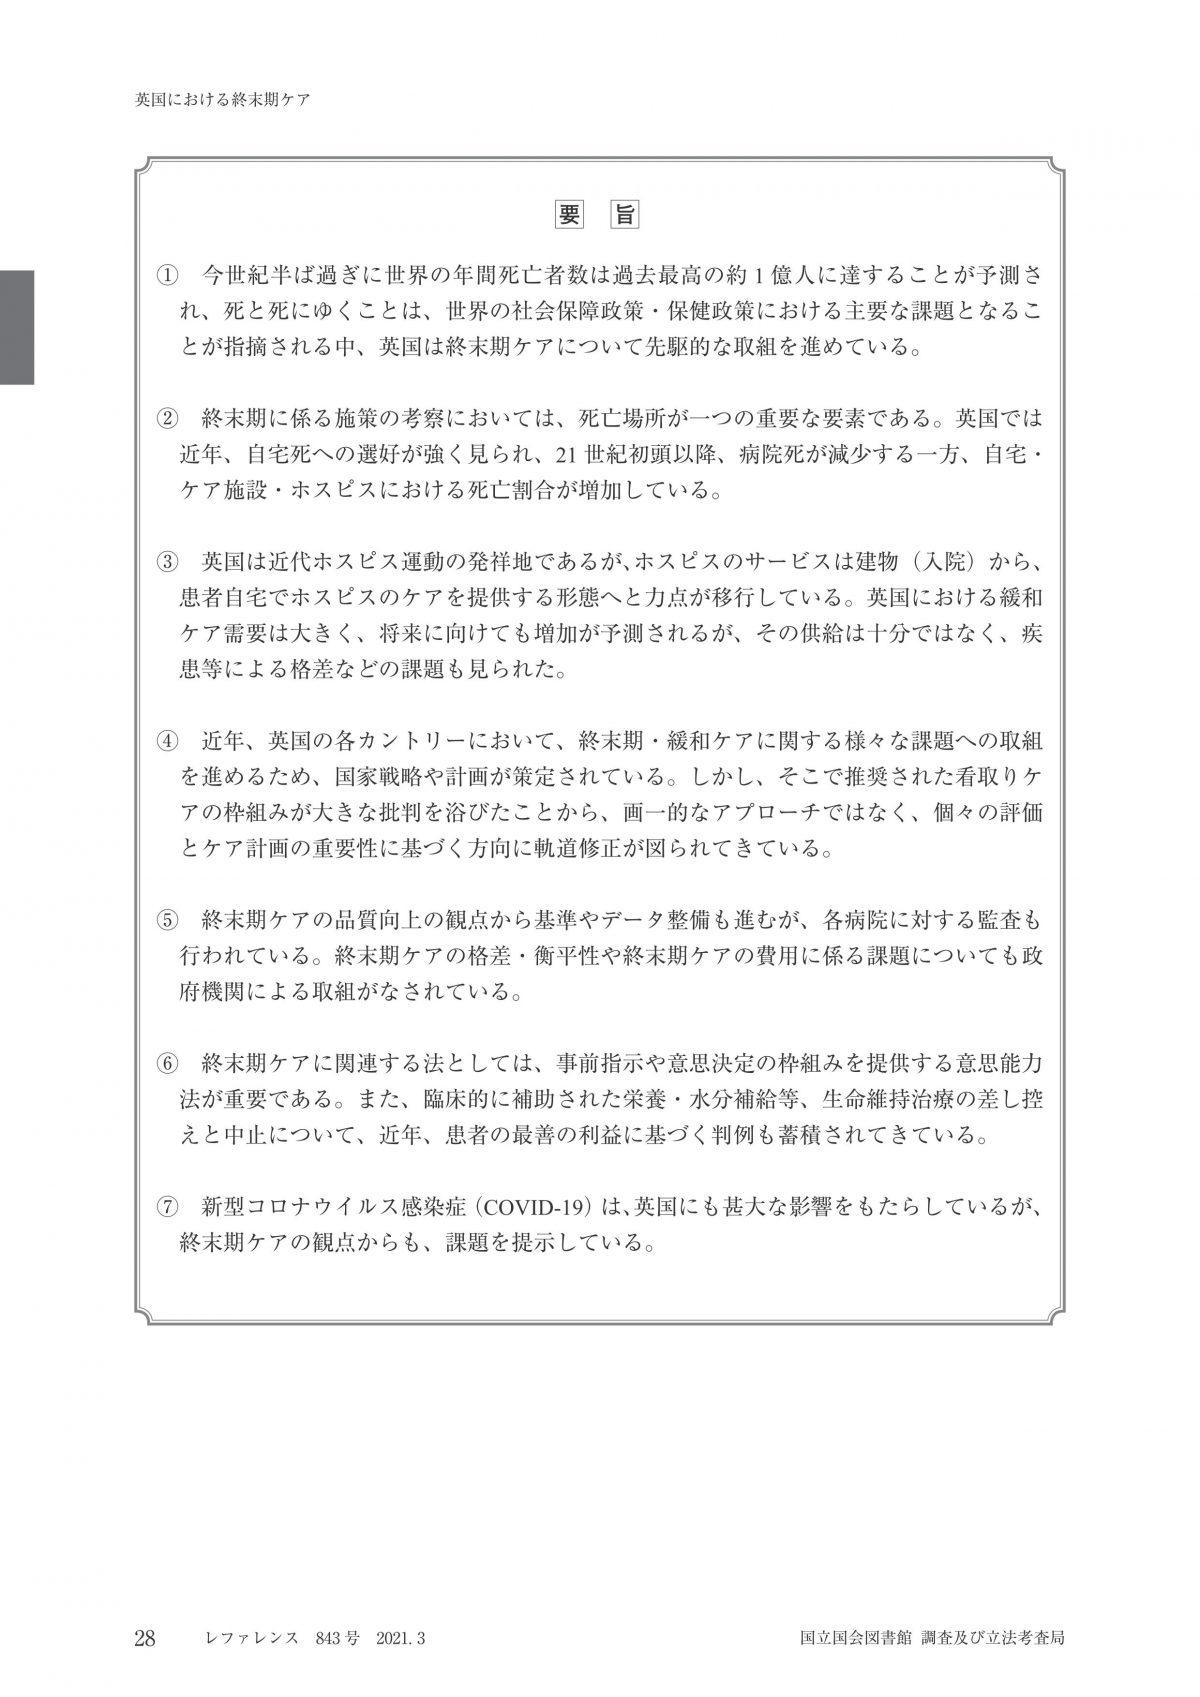 他国と比較し日本の終末期医療を考える~「英国における終末期ケア~近年の政策・制度の動向」から